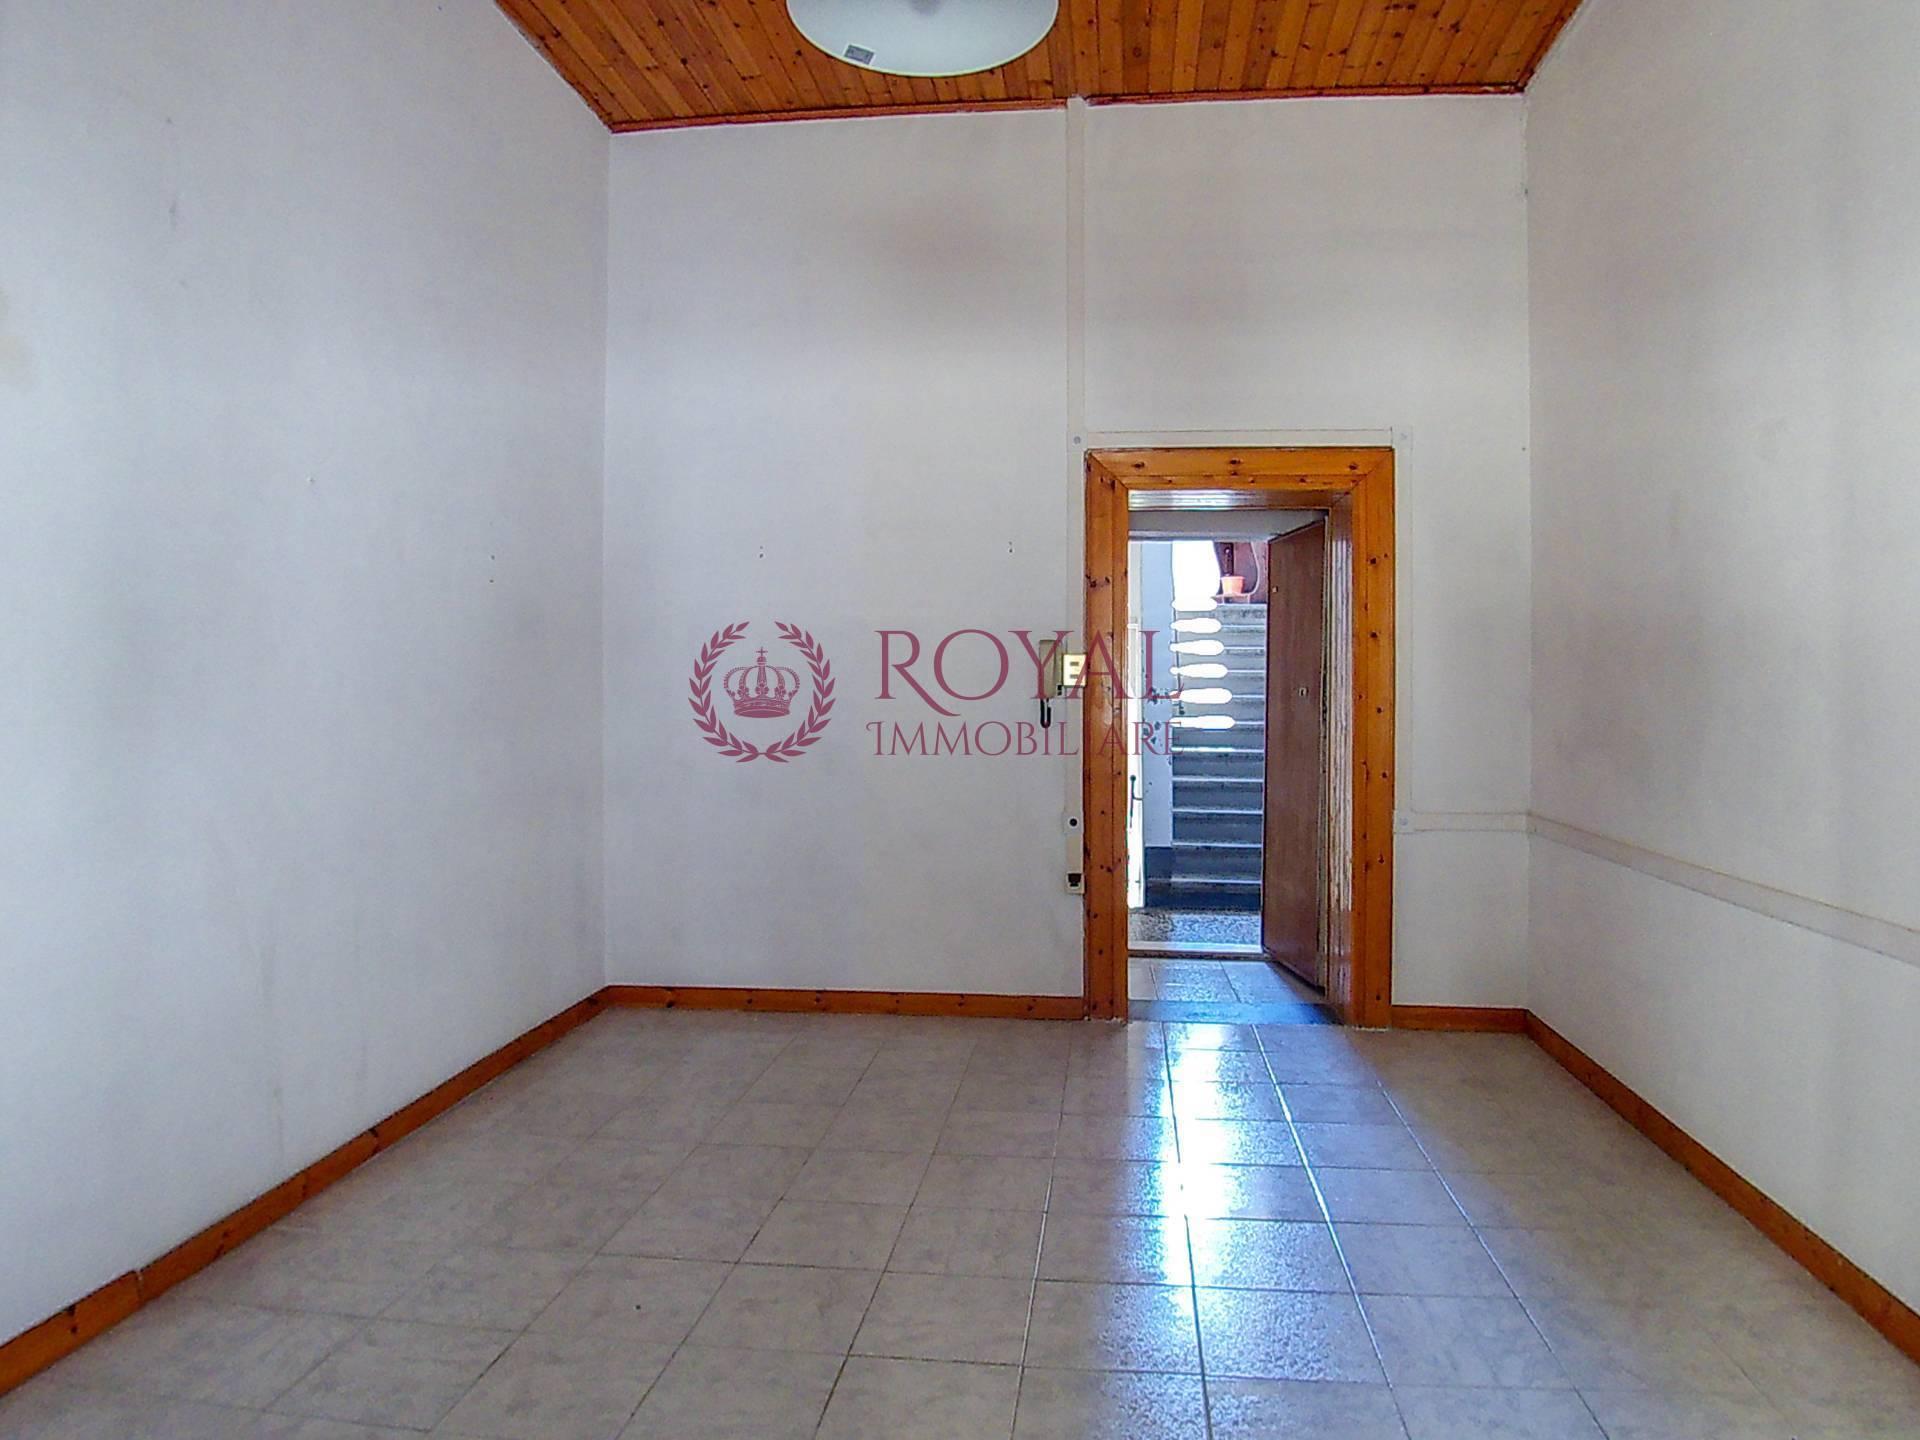 livorno vendita quart: centro royal-immobiliare-professional-s.a.s.